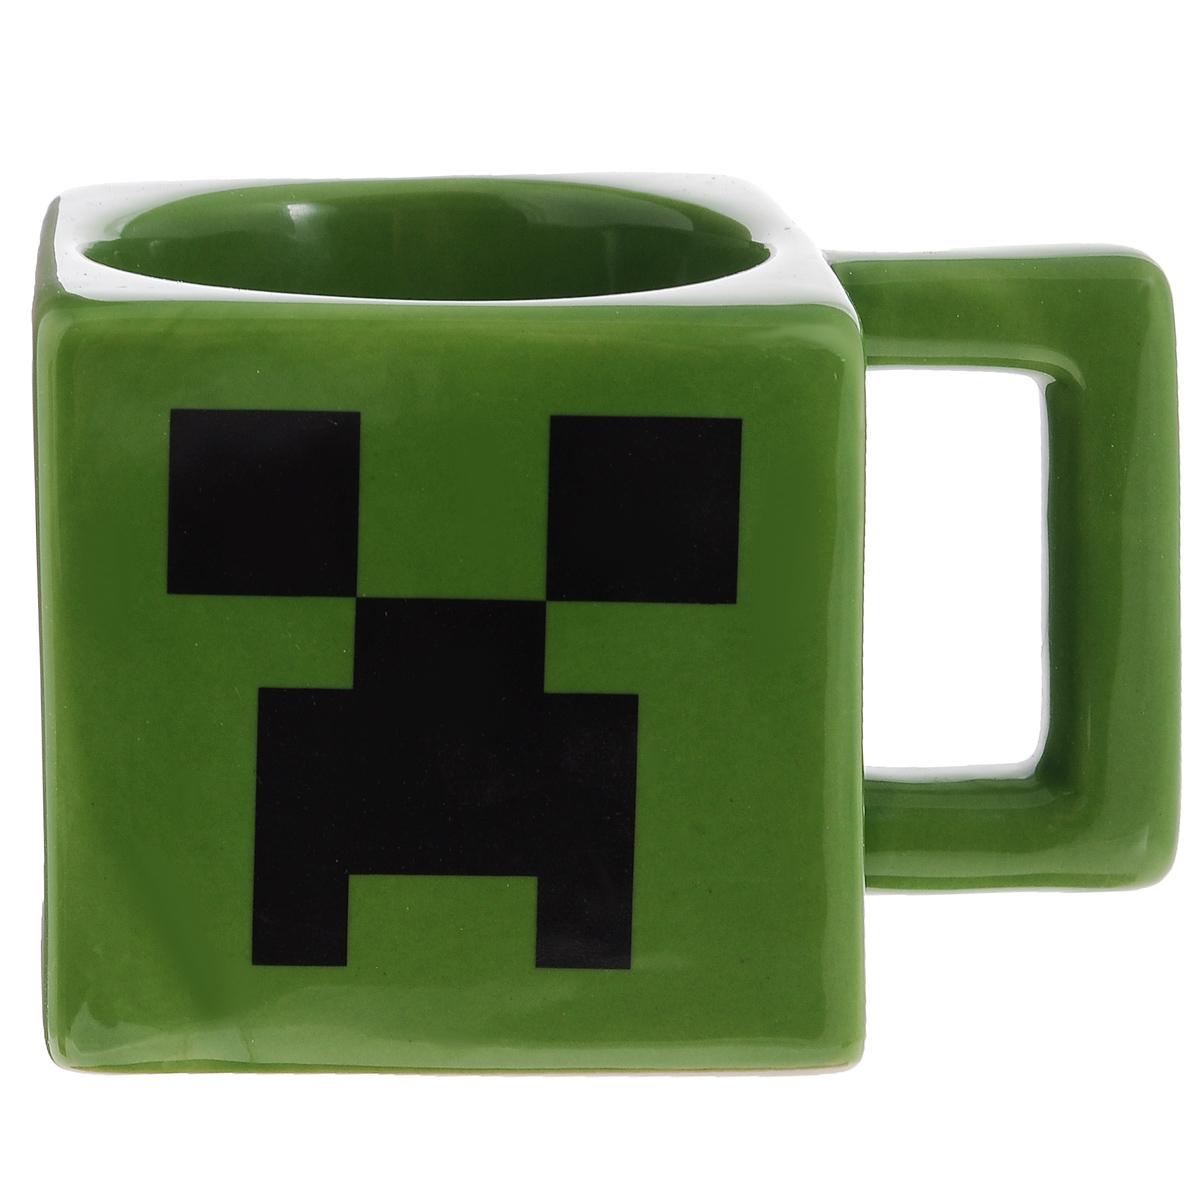 Кружка Minecraft Creeper Face Mug, цвет: зеленый, черный, 236 мл23672Квадратная кружка Minecraft Creeper Face Mug - зеленого цвета с изображением лица Крипера из Minecraft! Отличный подарок фанату! Утро начинается с чашки чая или кофе, утро начинается с квадратной кружки по Майнкрафту! Если ваш ребенок увлекается игрой Майнкрафт, такой подарок ему очень понравится!